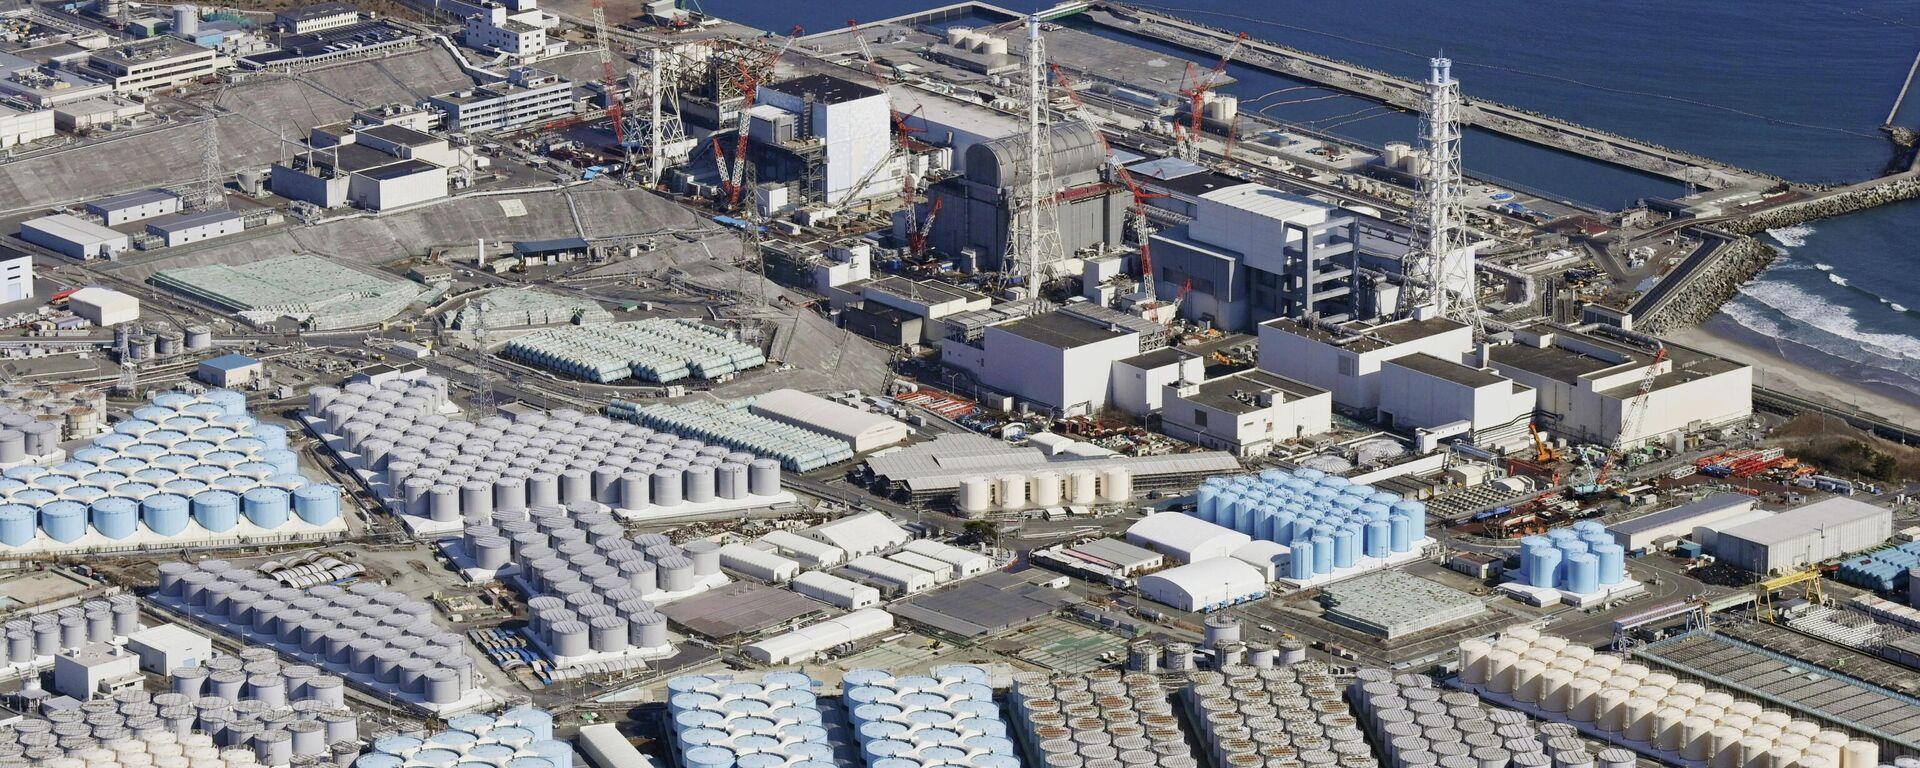 Территория атомной электростанции Фукусима в Японии с резервуарами для воды - Sputnik Таджикистан, 1920, 13.04.2021